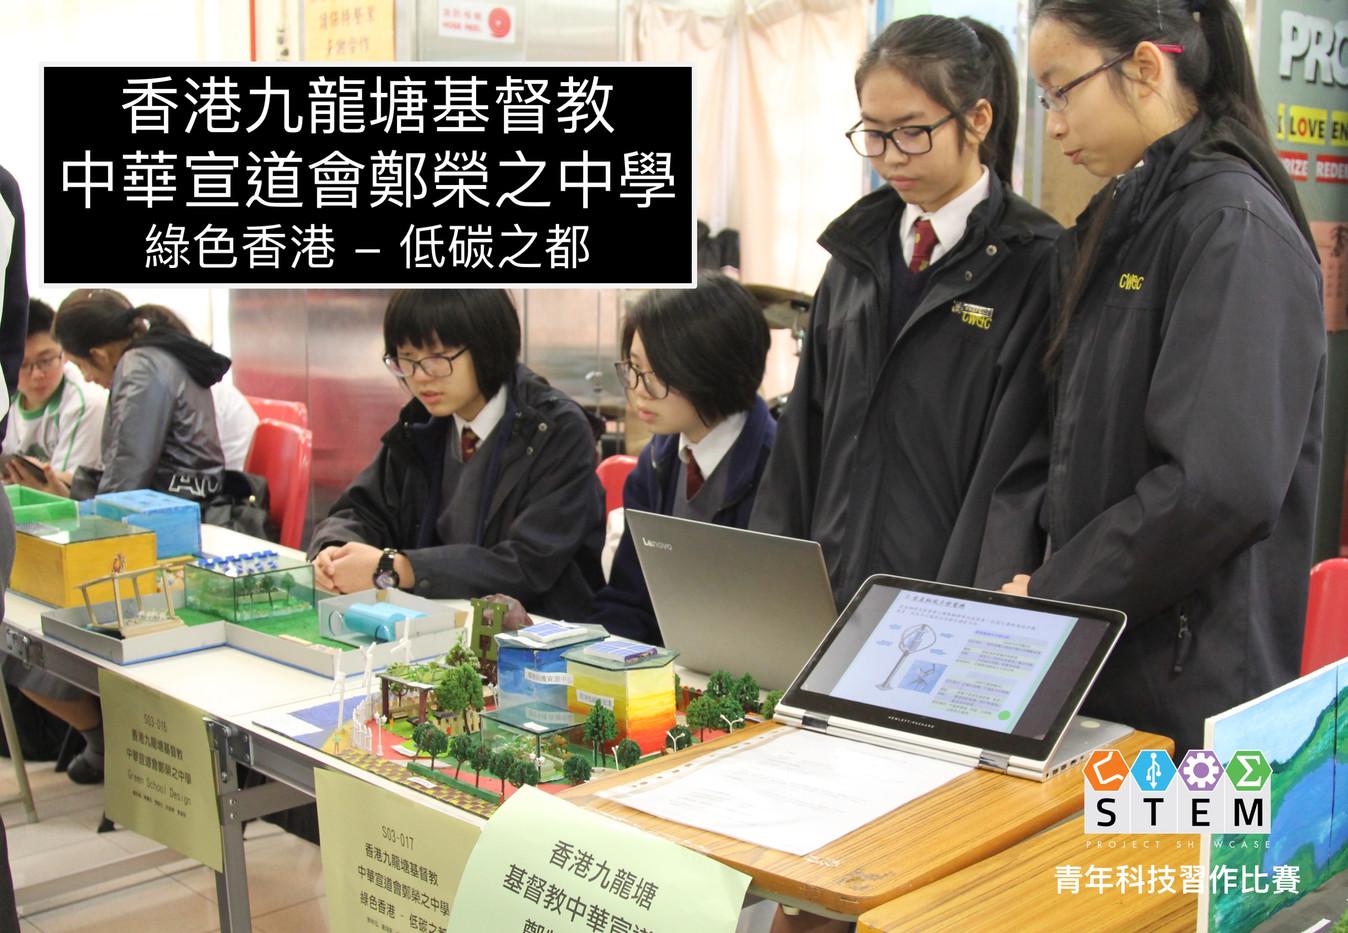 香港九龍塘基督教中華宣道會鄭榮之中學